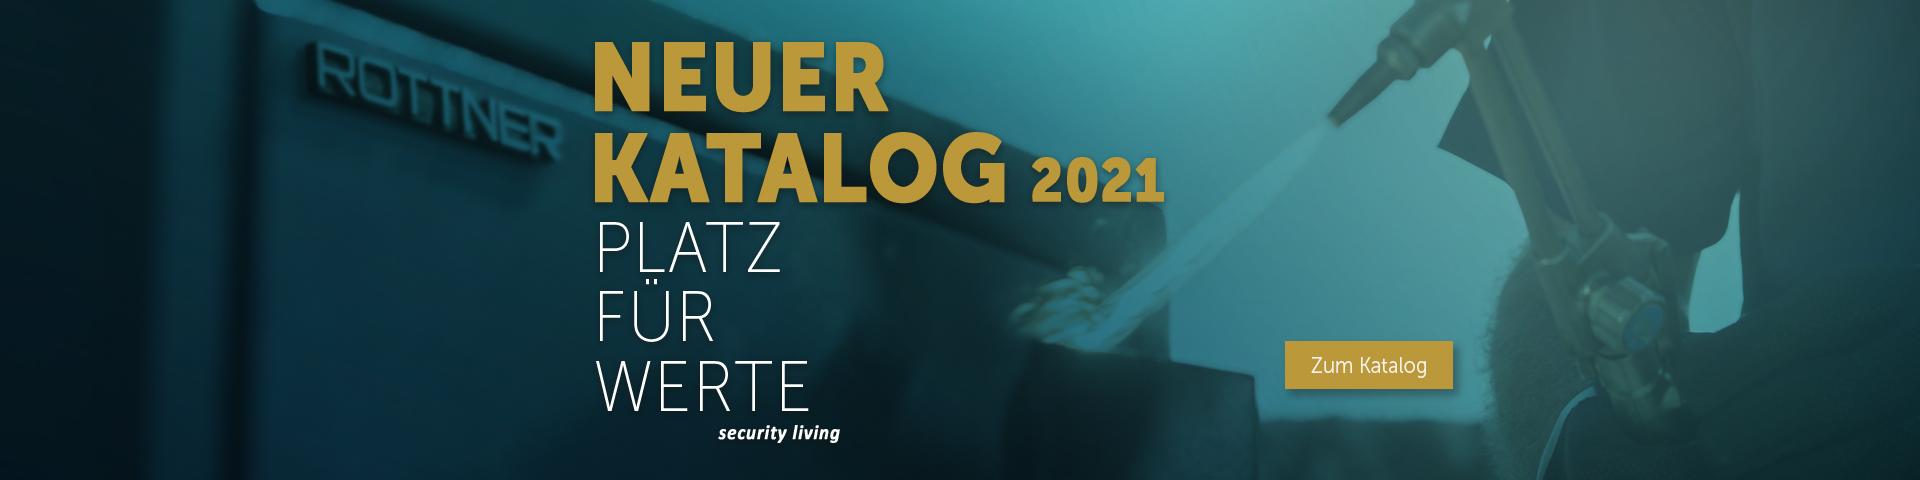 Rottner Katalog 2021